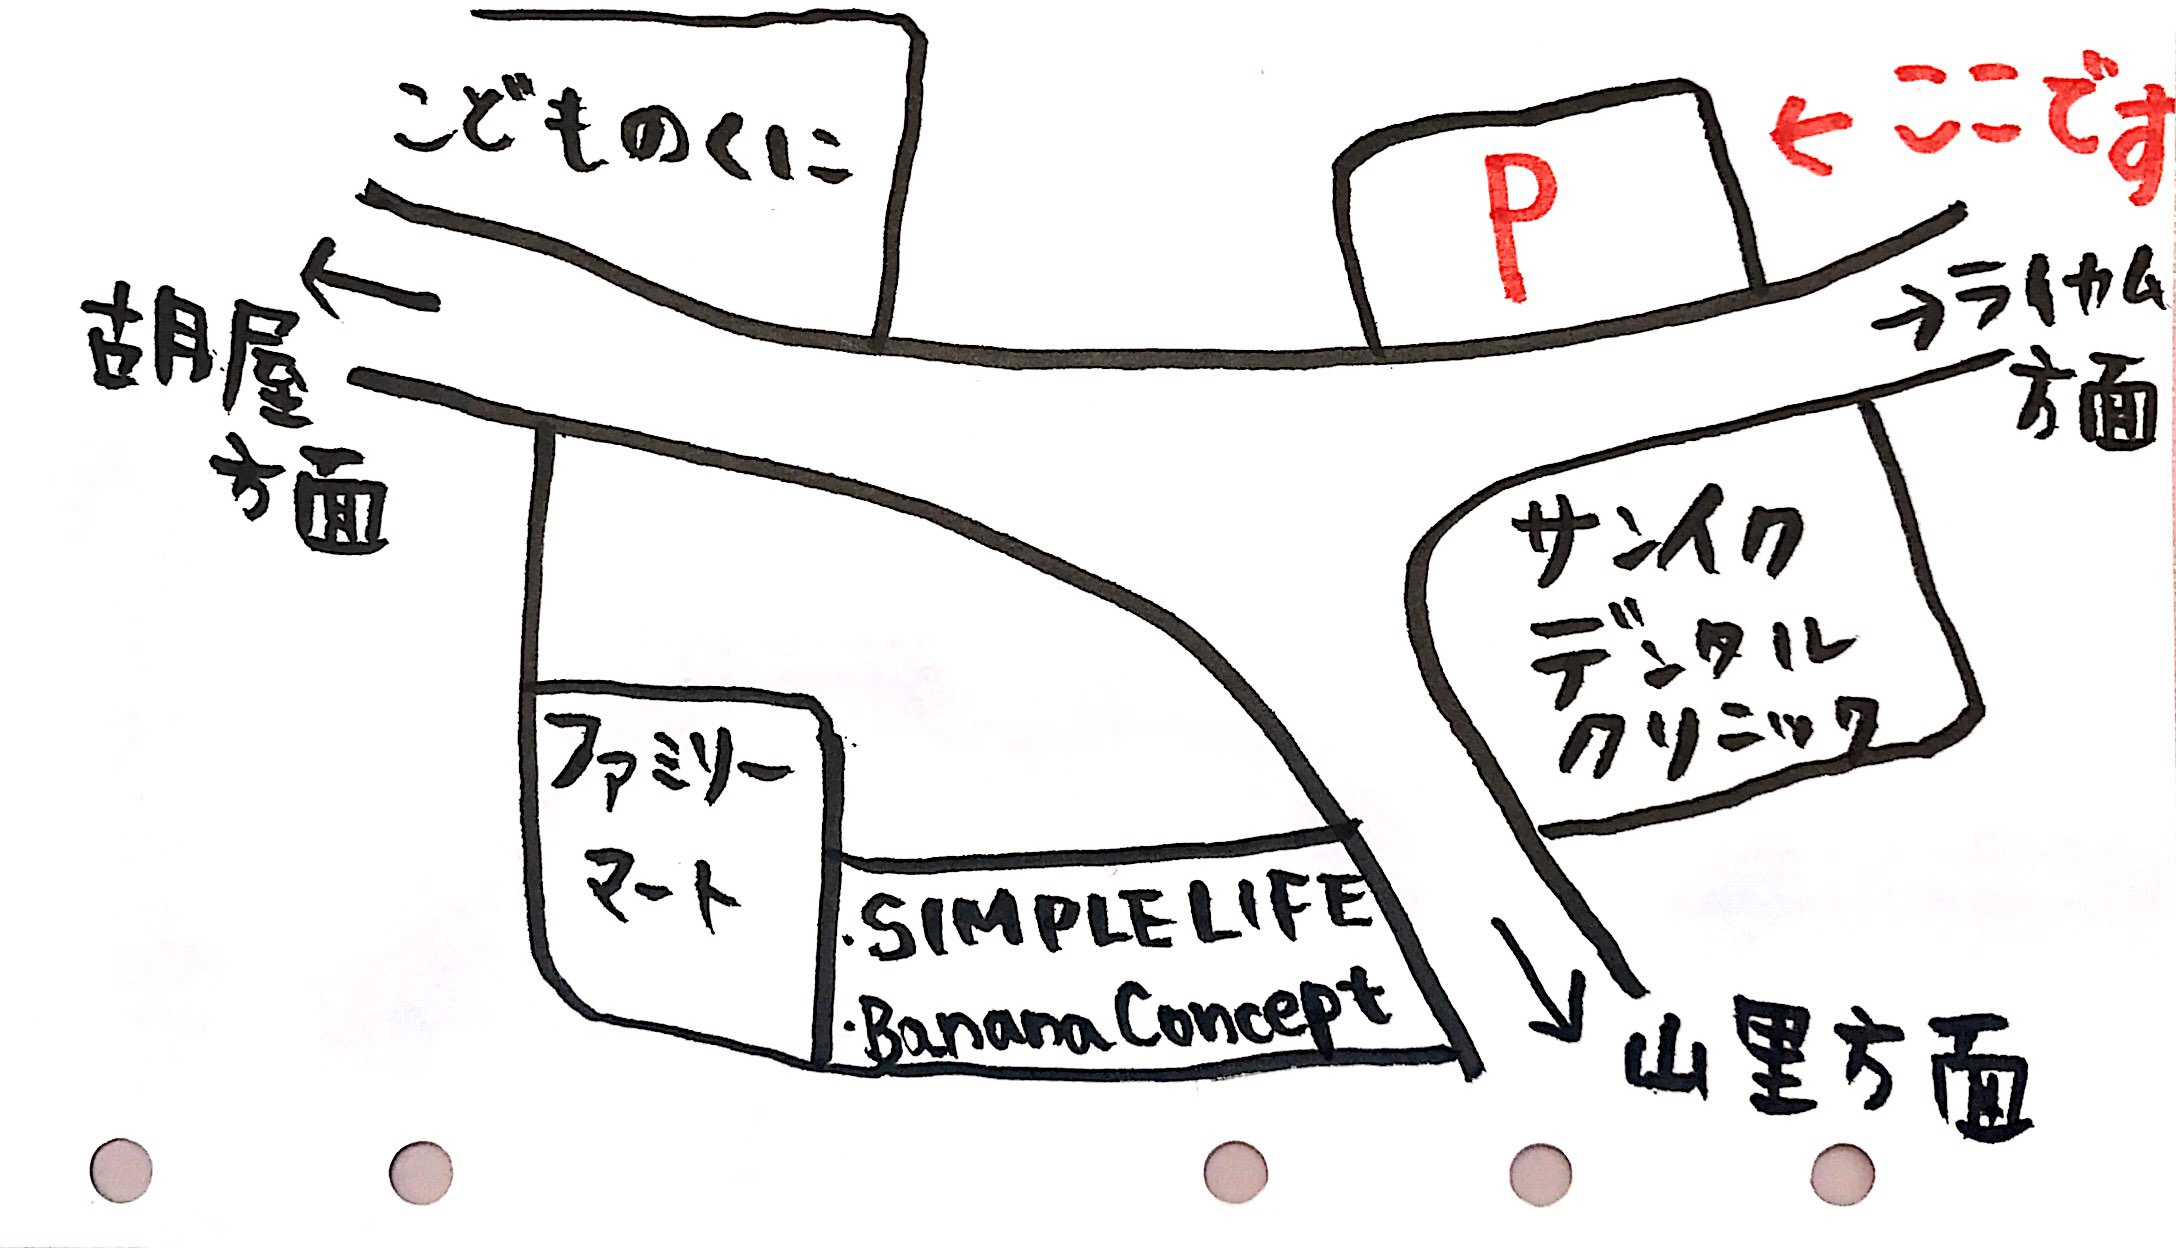 フルムーンヨガ参加者へのお知らせ